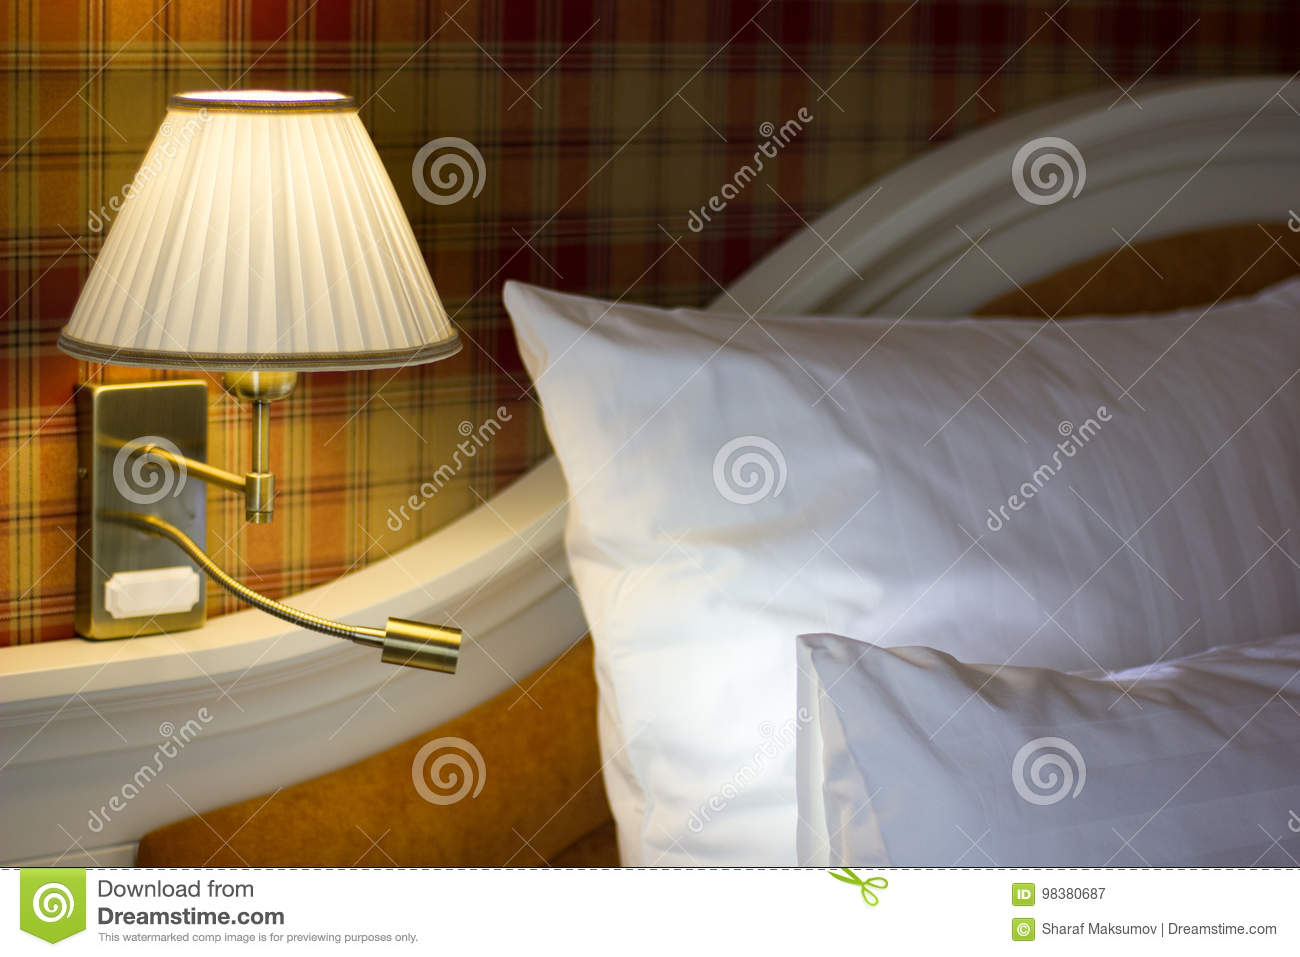 Full Size of Schlafzimmer Wandlampen Wandlampe Im Stockbild Bild Von Lampe Set Schimmel Günstige Mit Boxspringbett Regal Luxus Vorhänge Weiß Kronleuchter Klimagerät Wohnzimmer Schlafzimmer Wandlampen